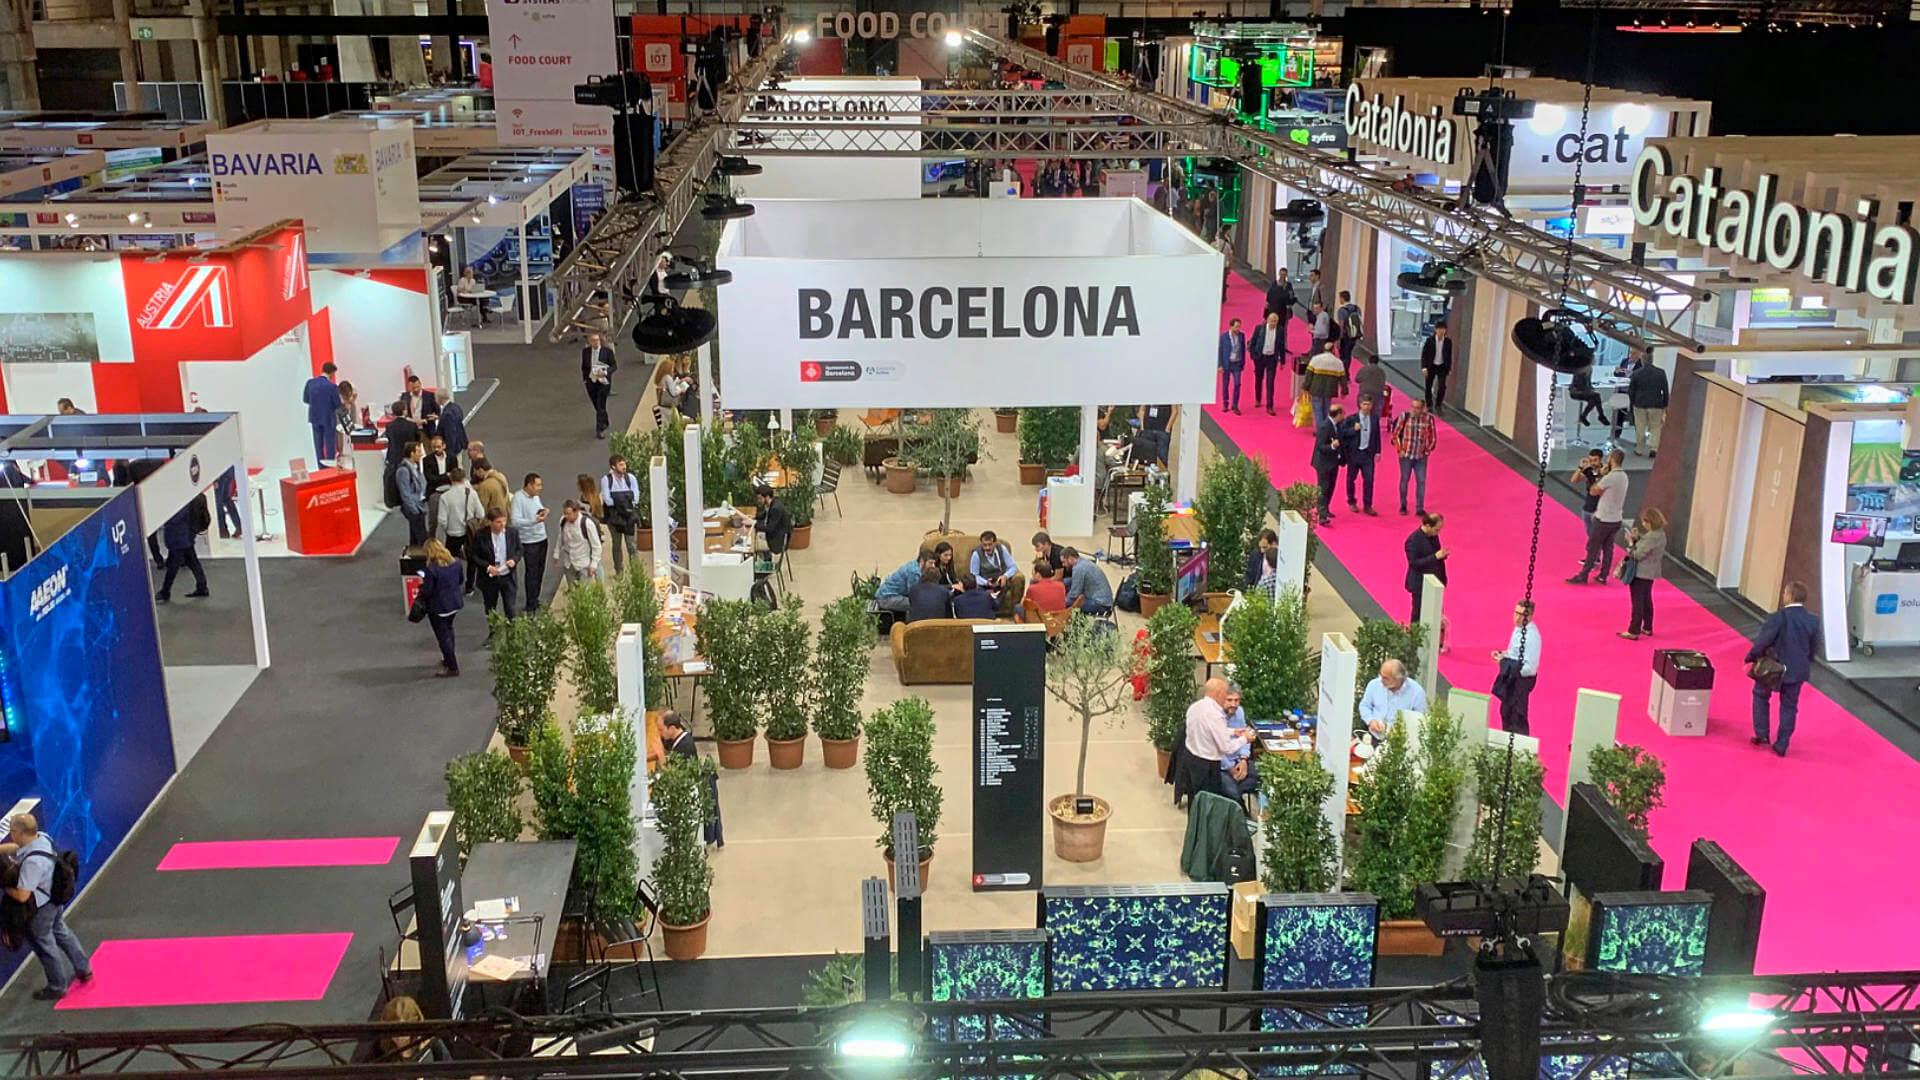 IOTSWC2109 Barcelona.